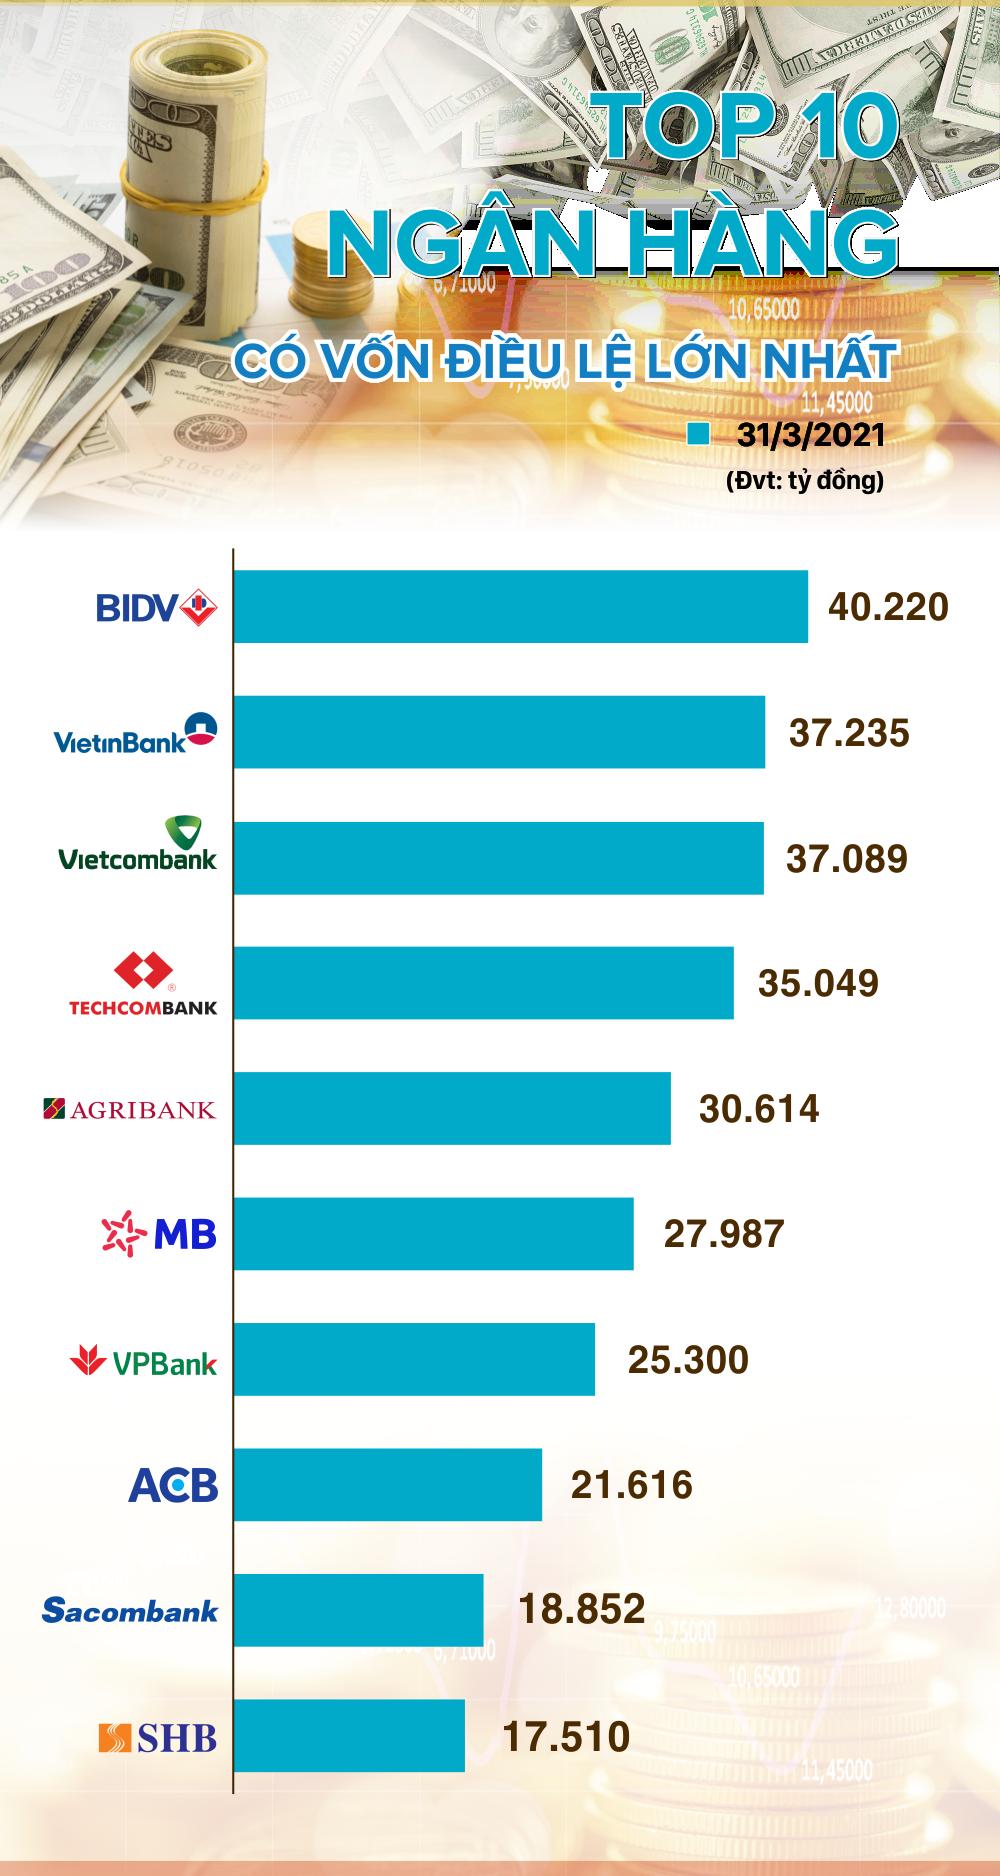 Top 10 ngân hàng có vốn điều lệ lớn nhất tính đến hết tháng 3/2021 - Ảnh 1.